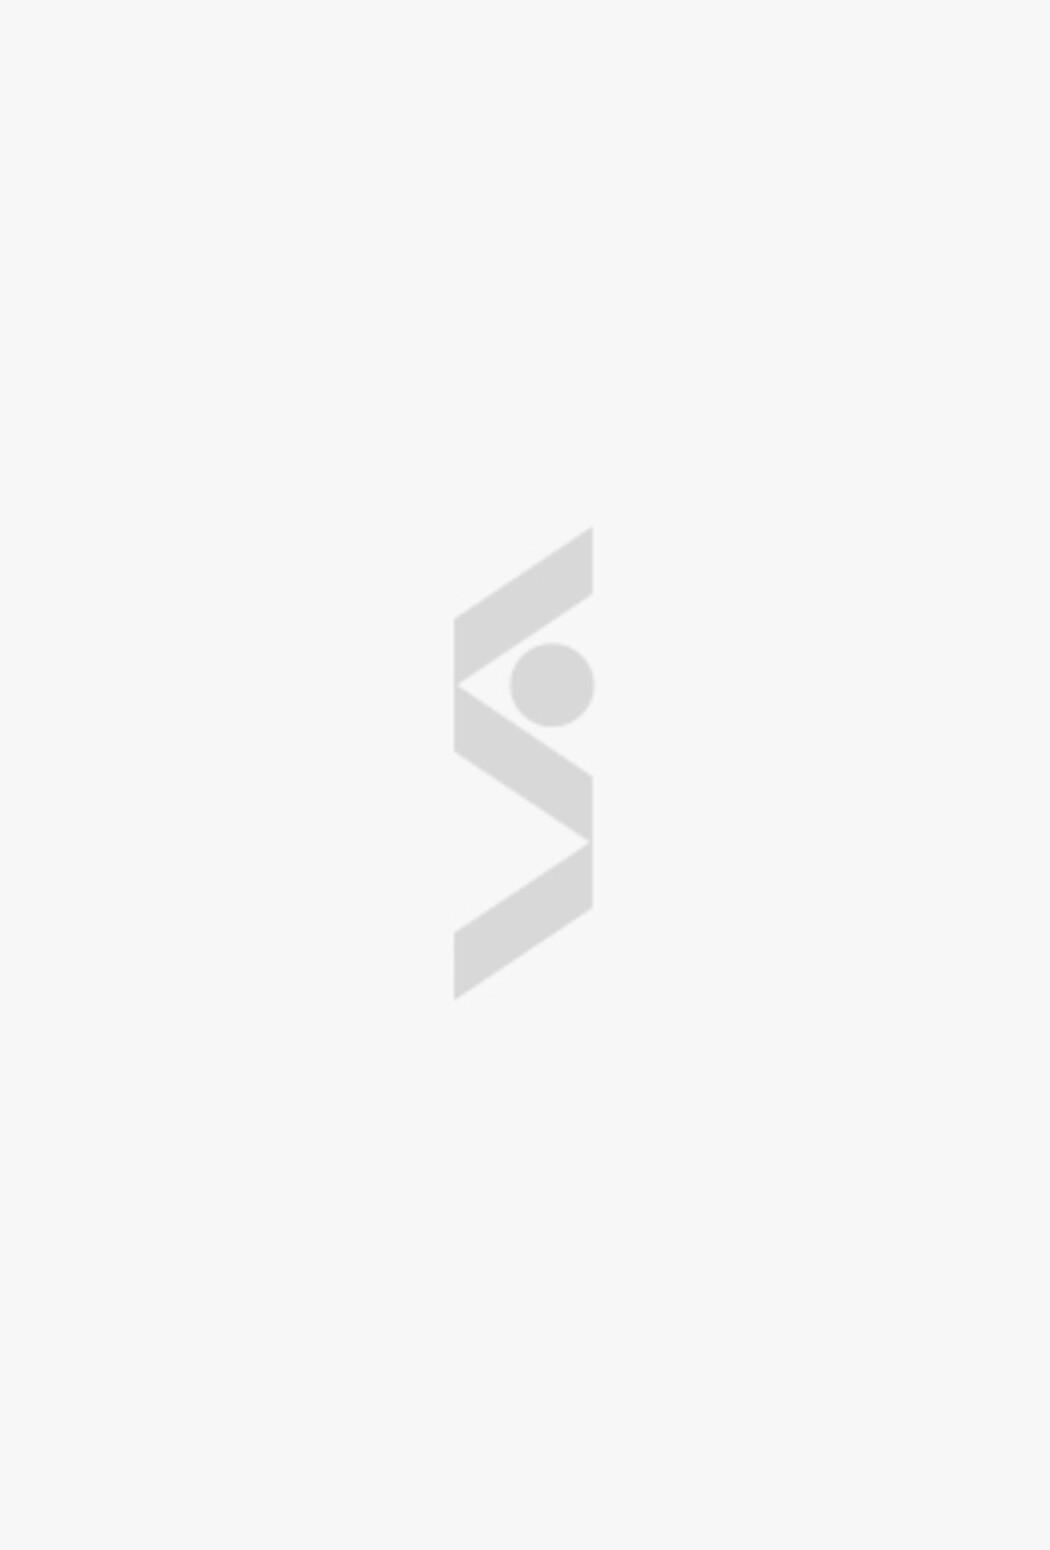 Диспенсер для жидкого мыла manali Spirella - скоро в продаже в интернет-магазине СТОКМАНН в Москве